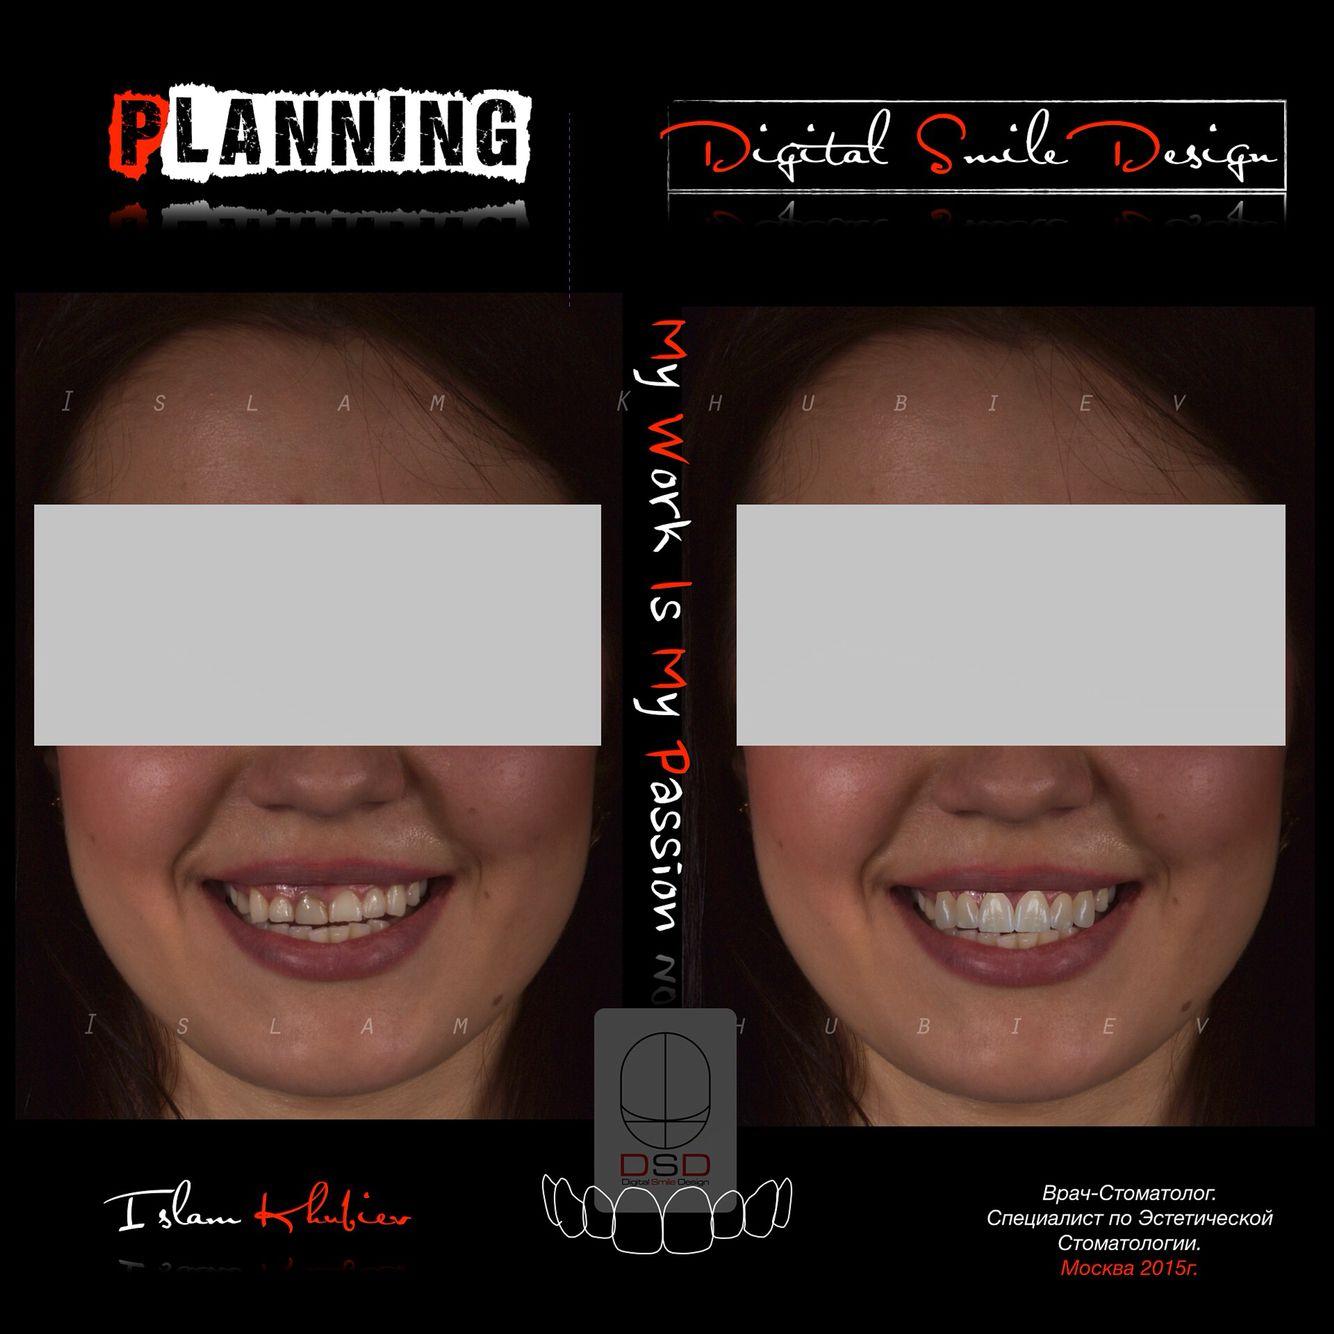 Digital Smile Design.  Planing.  Цифровой Дизайн Улыбки.  Высокотехнологичное планирование.